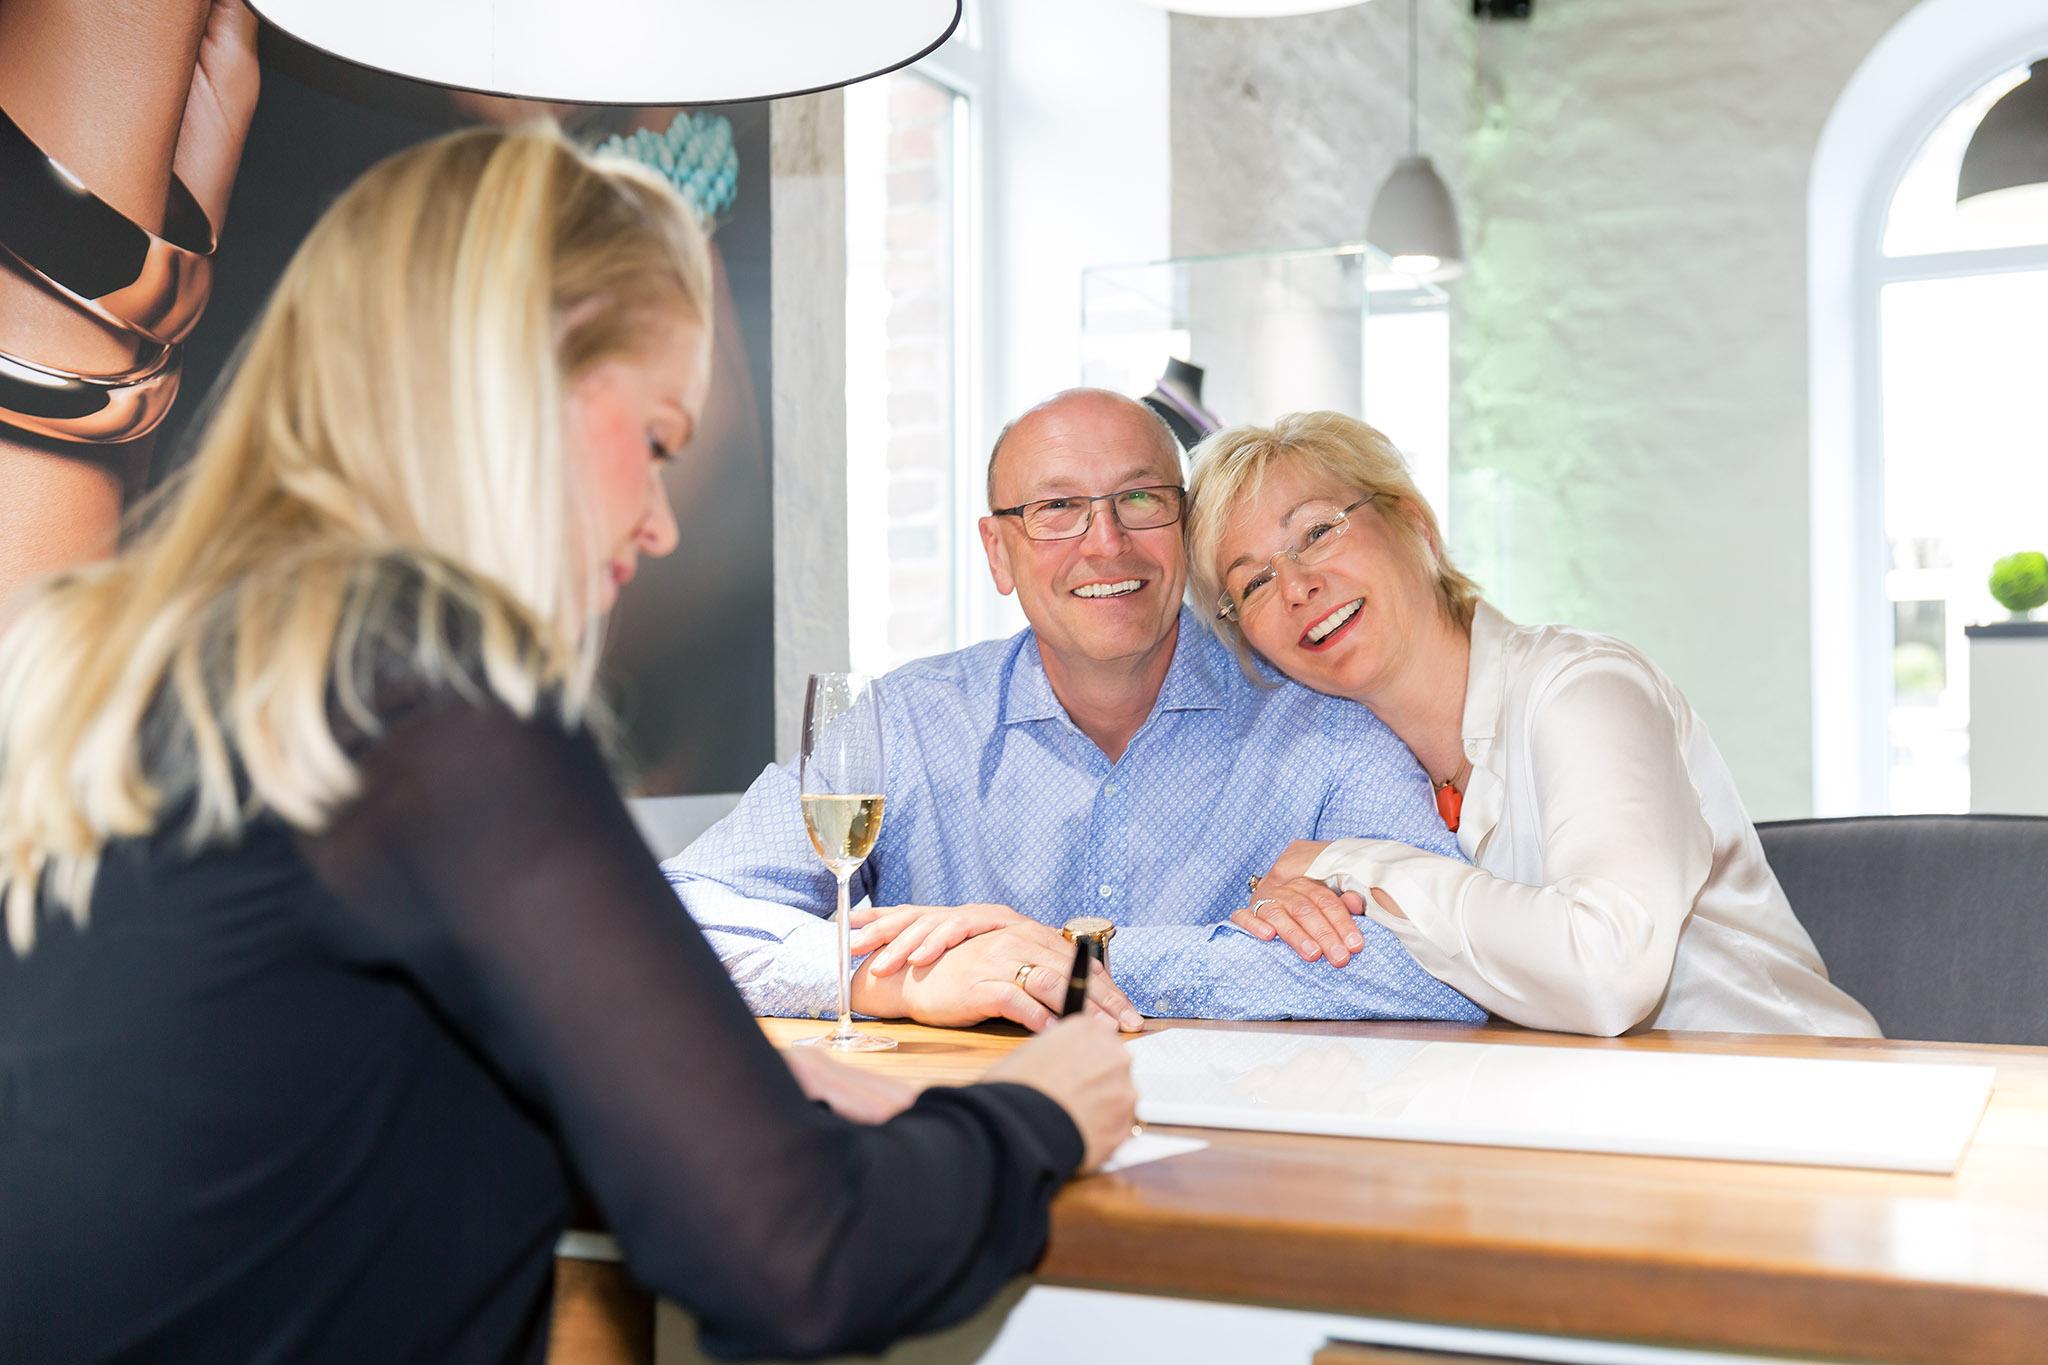 Uwe und Marlis Weidtmann, Marlis Weidtmann Effecten-spiegel AG, Brauksiepe Goldschmiedemanufaktur, besondere Eheringe, 2. Eheringe, Lifestyle Blog, Lieblingsstil.com,